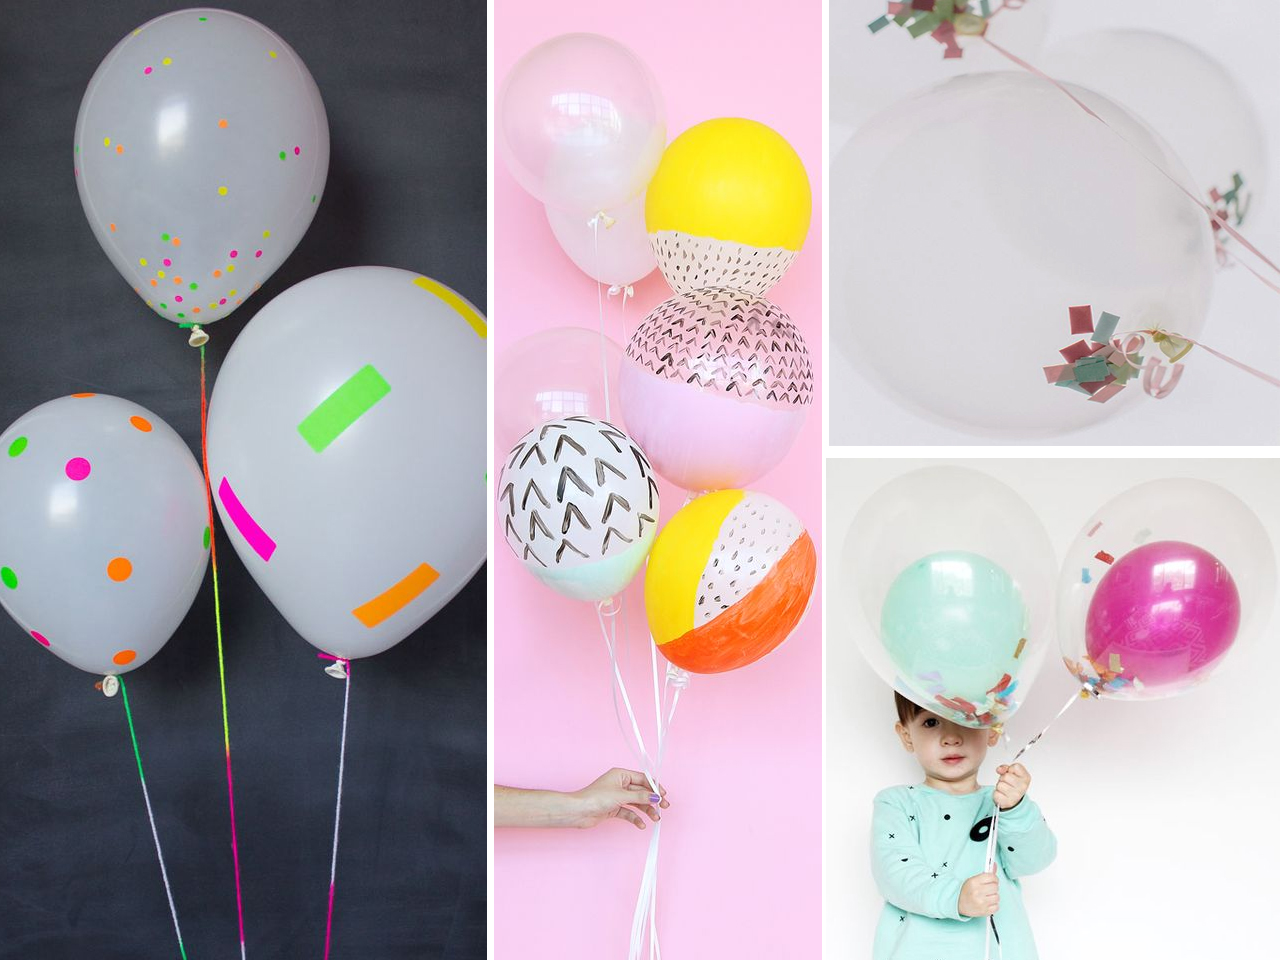 descubre c mo decorar con globos con estas fant sticas ideas